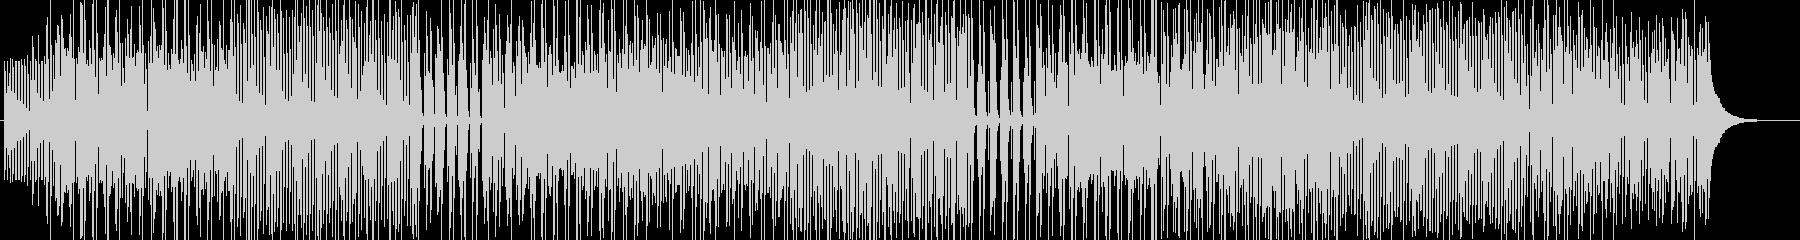 森-アコースティック-ポップ-キュートの未再生の波形